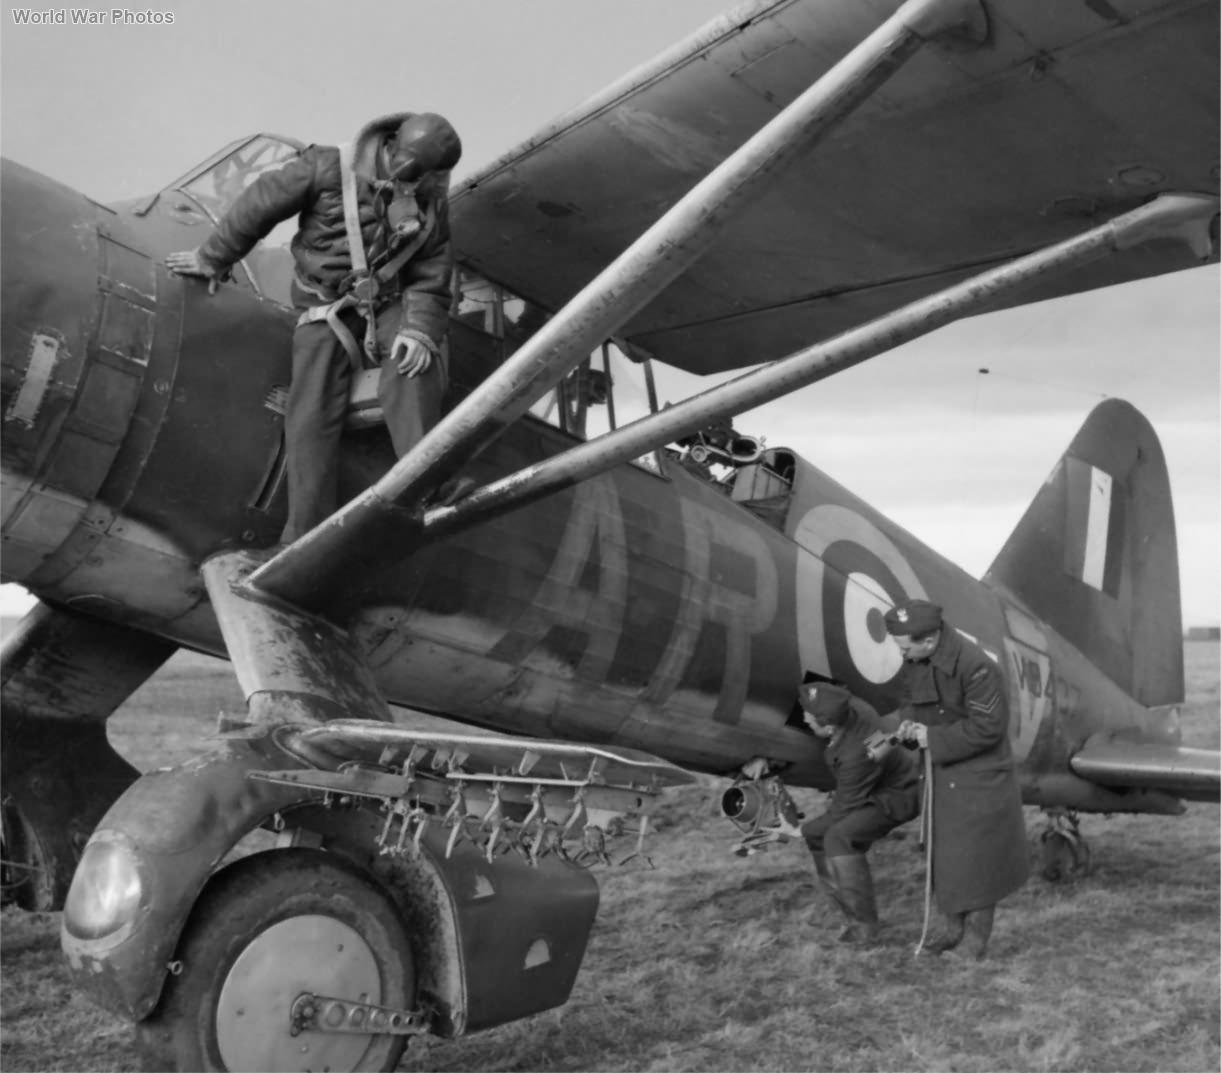 Polish Lysander V9437 AR-V of No. 309 Squadron RAF